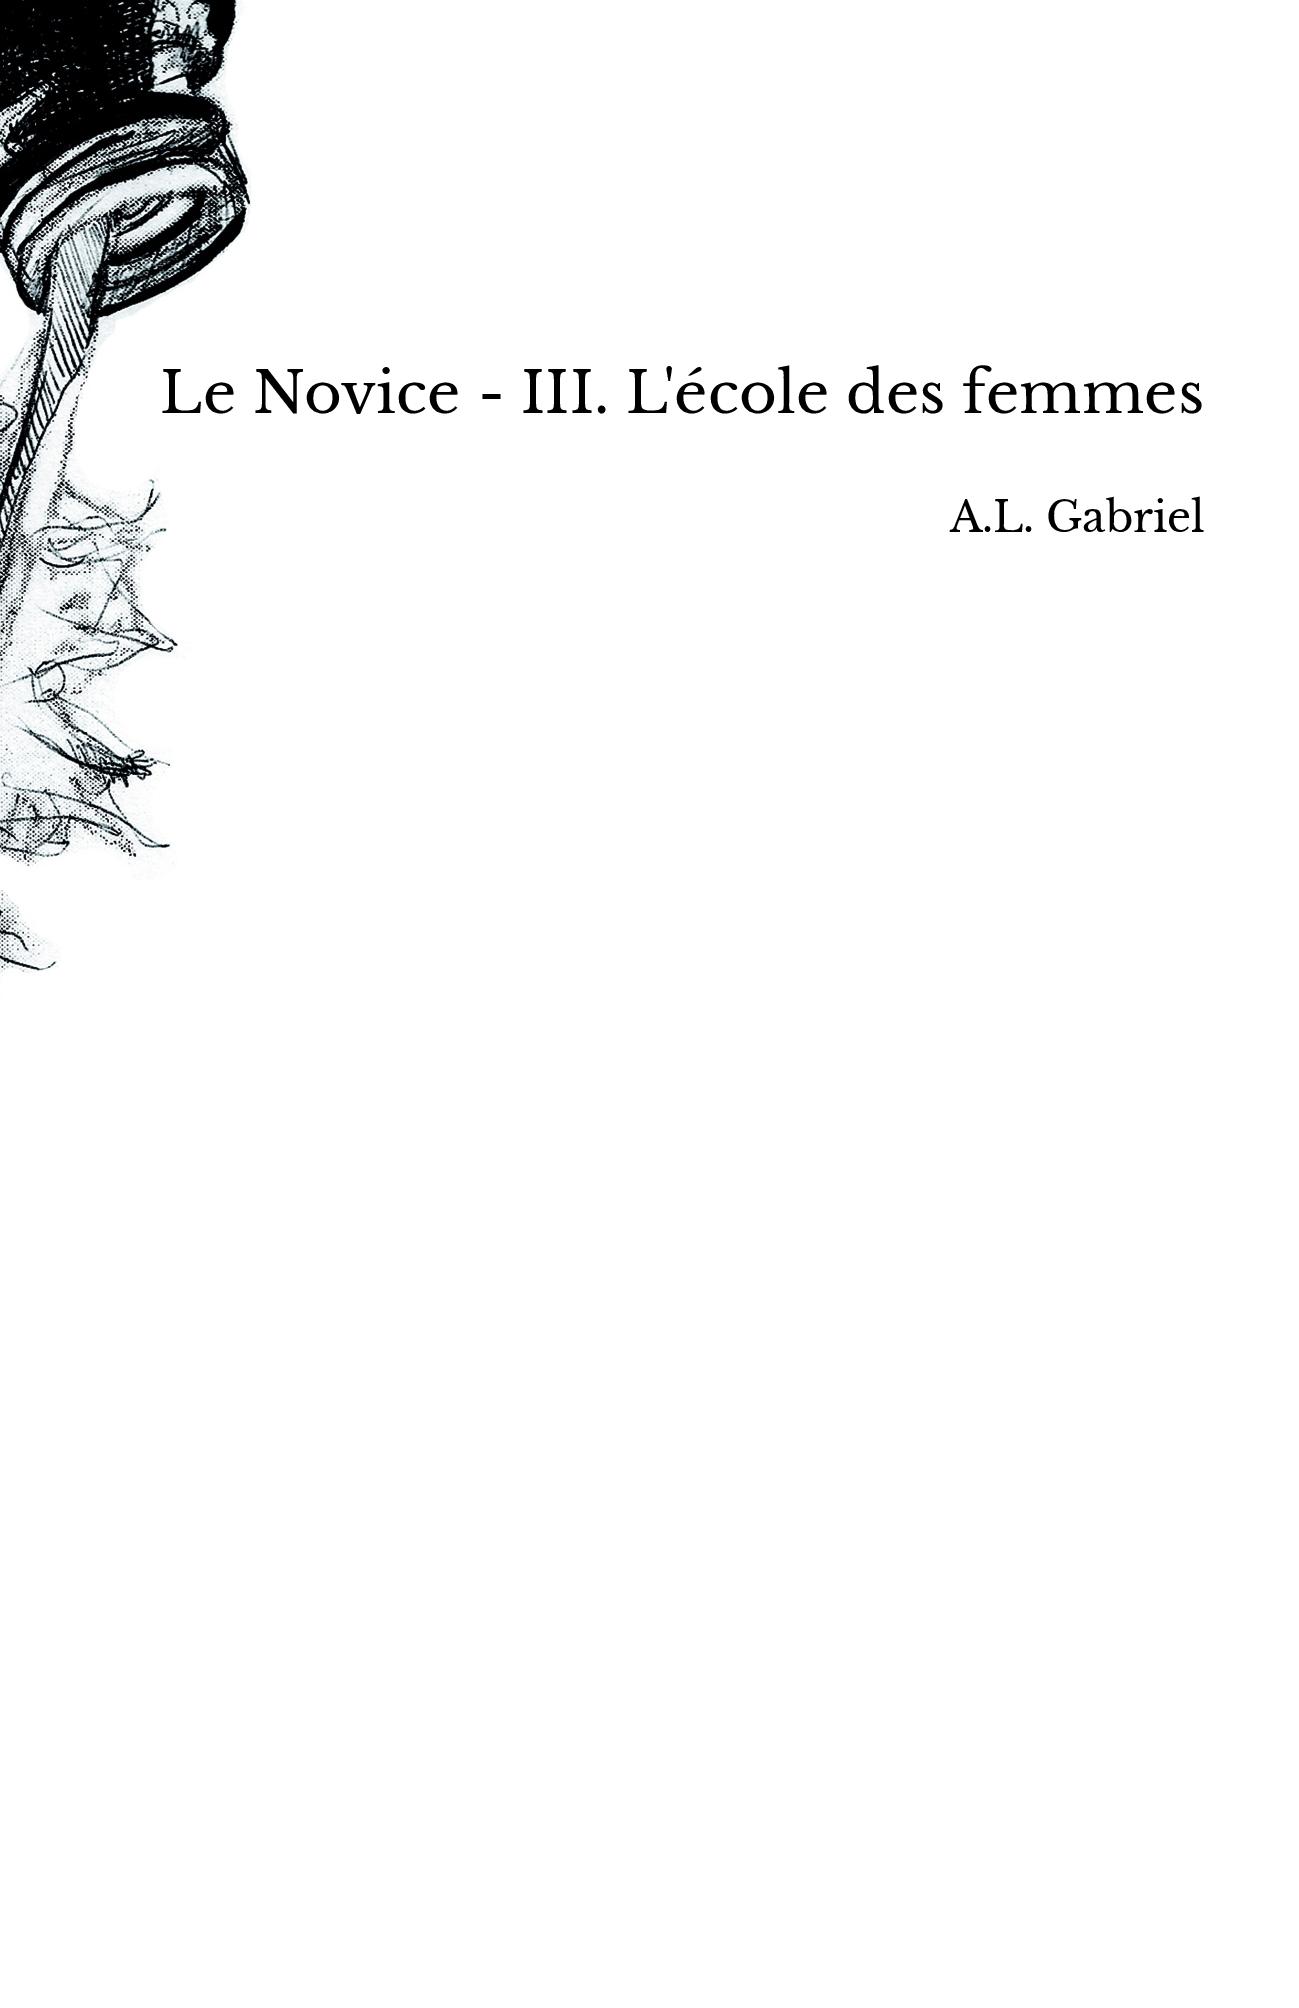 Le Novice - III. L'école des femmes